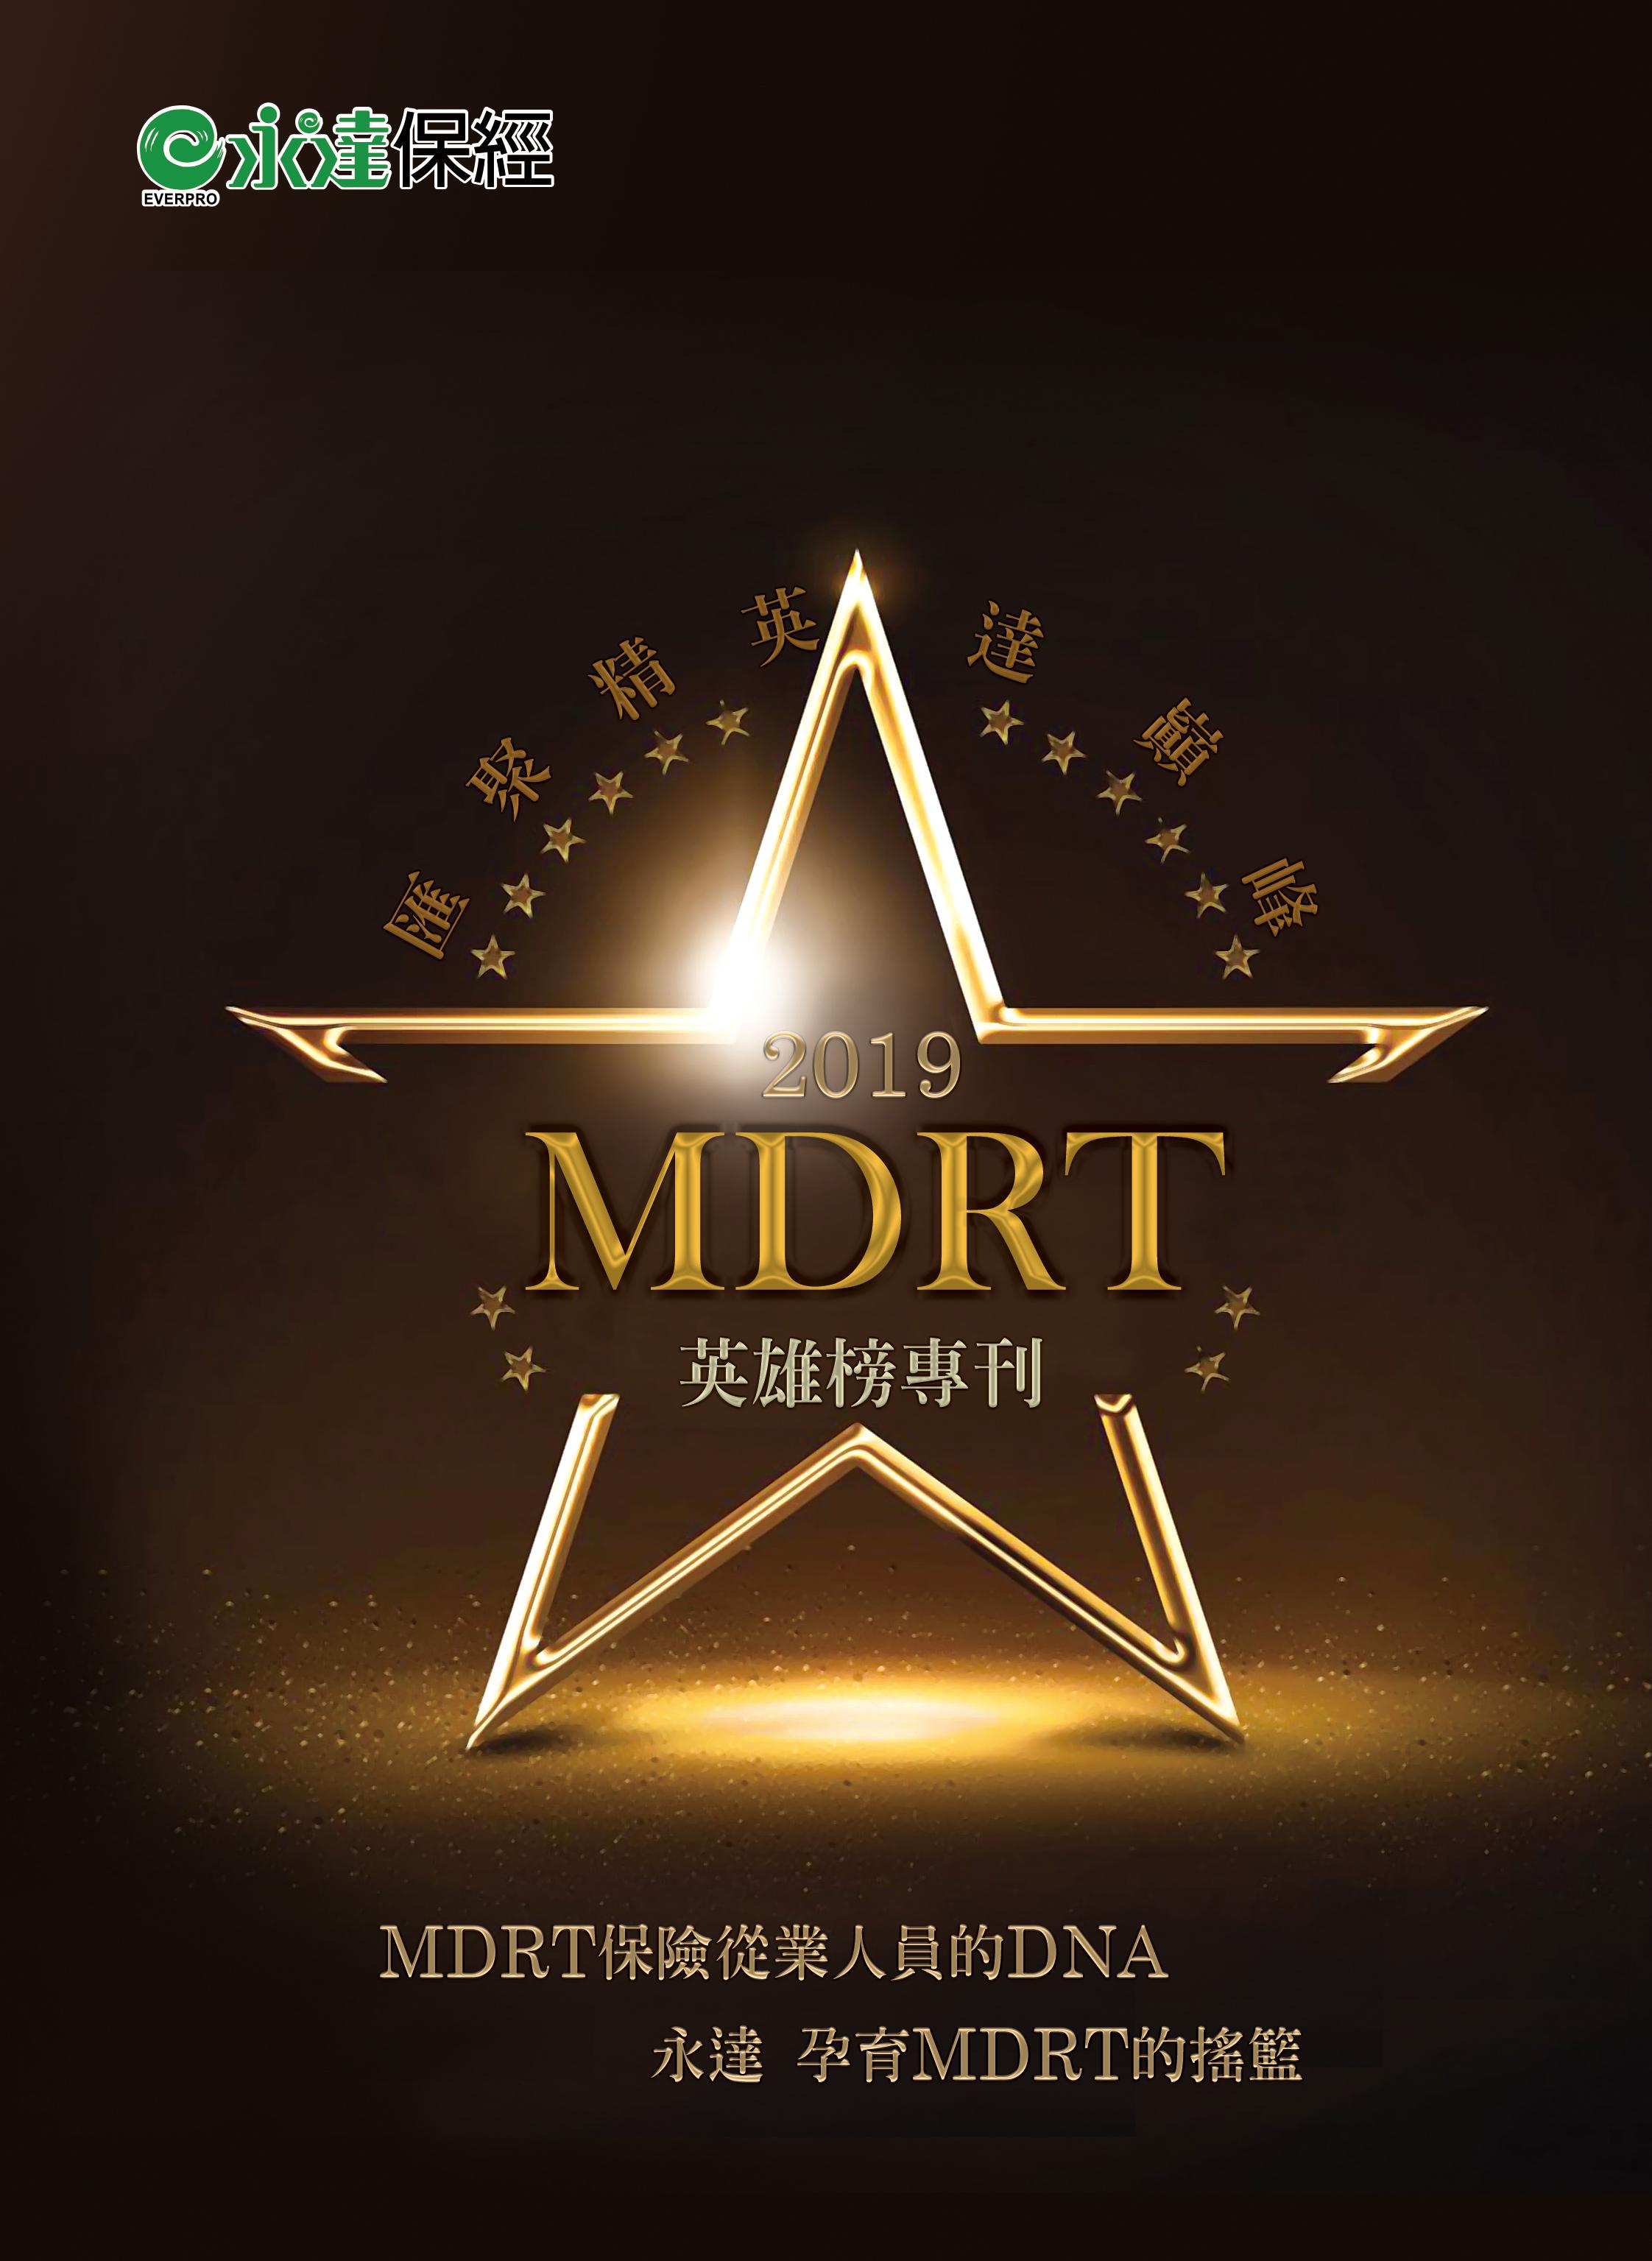 2019MDRT英雄榜電子專刊上架通知